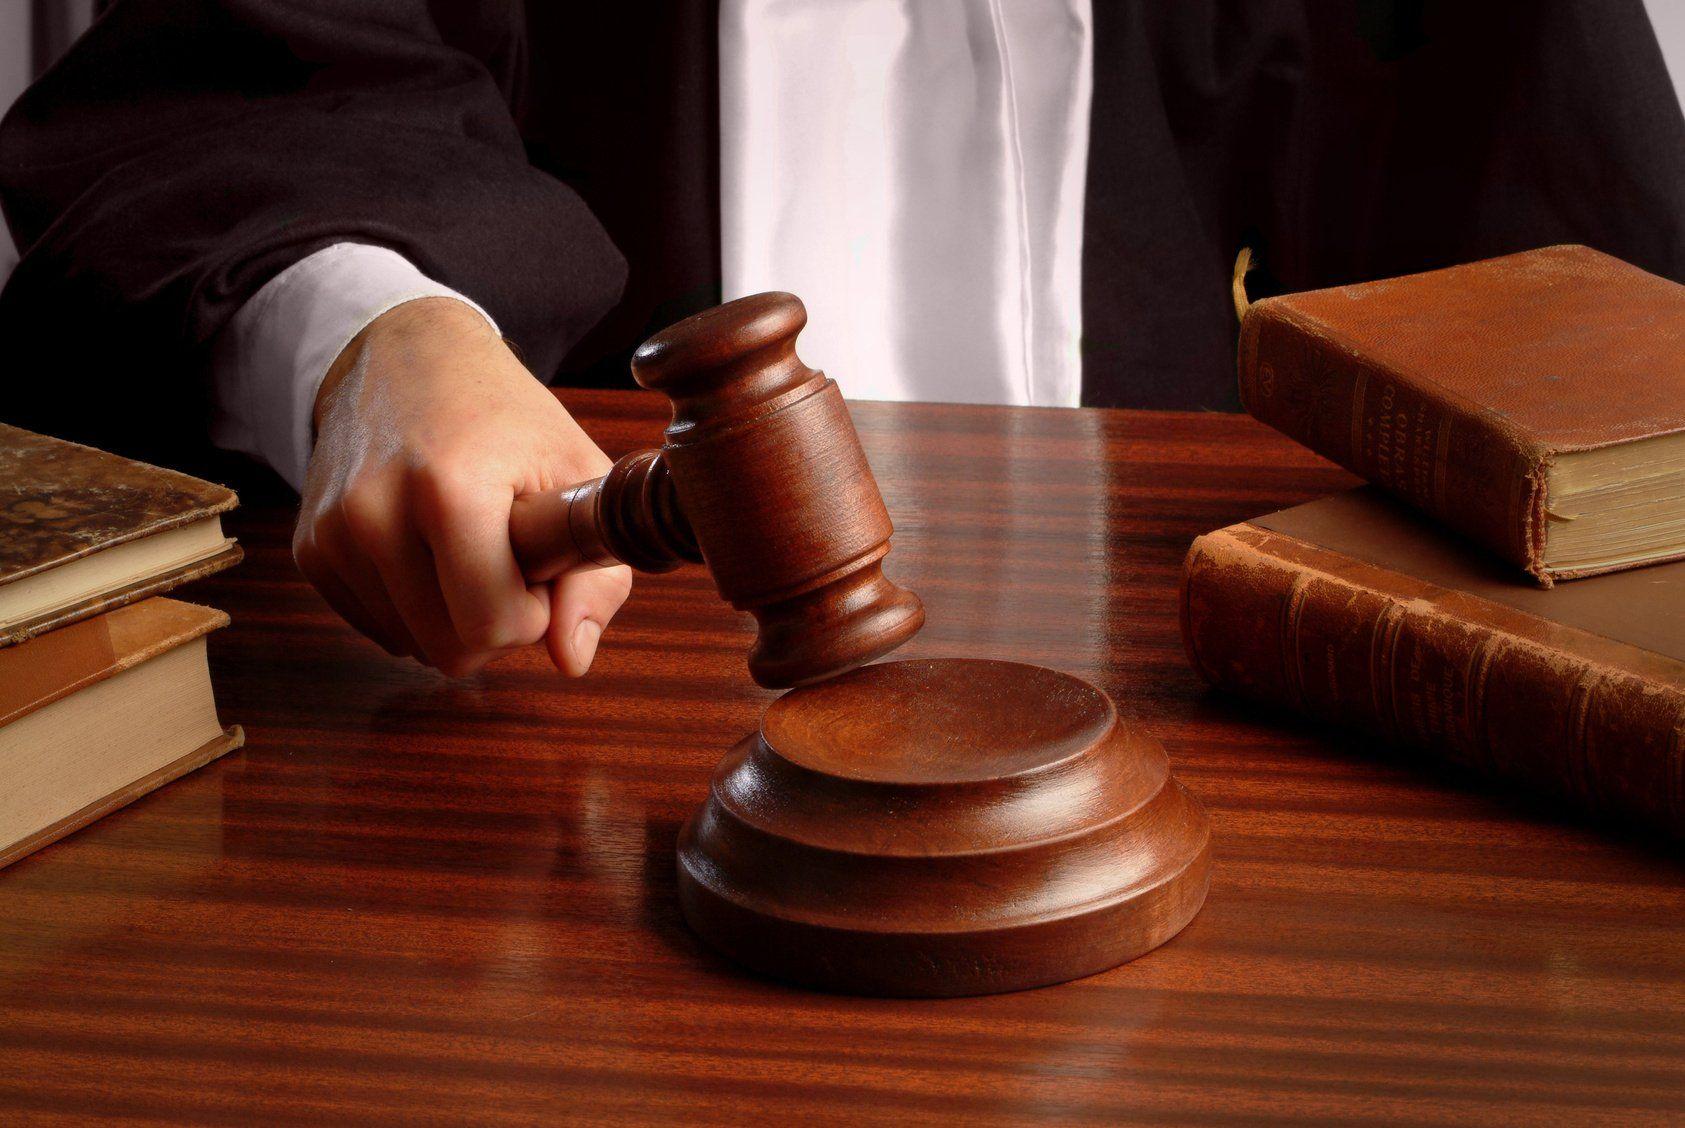 На 6 лет лишения свободы осудили создательницу ПК «Новый дом», работавшего как финансовая пирамида